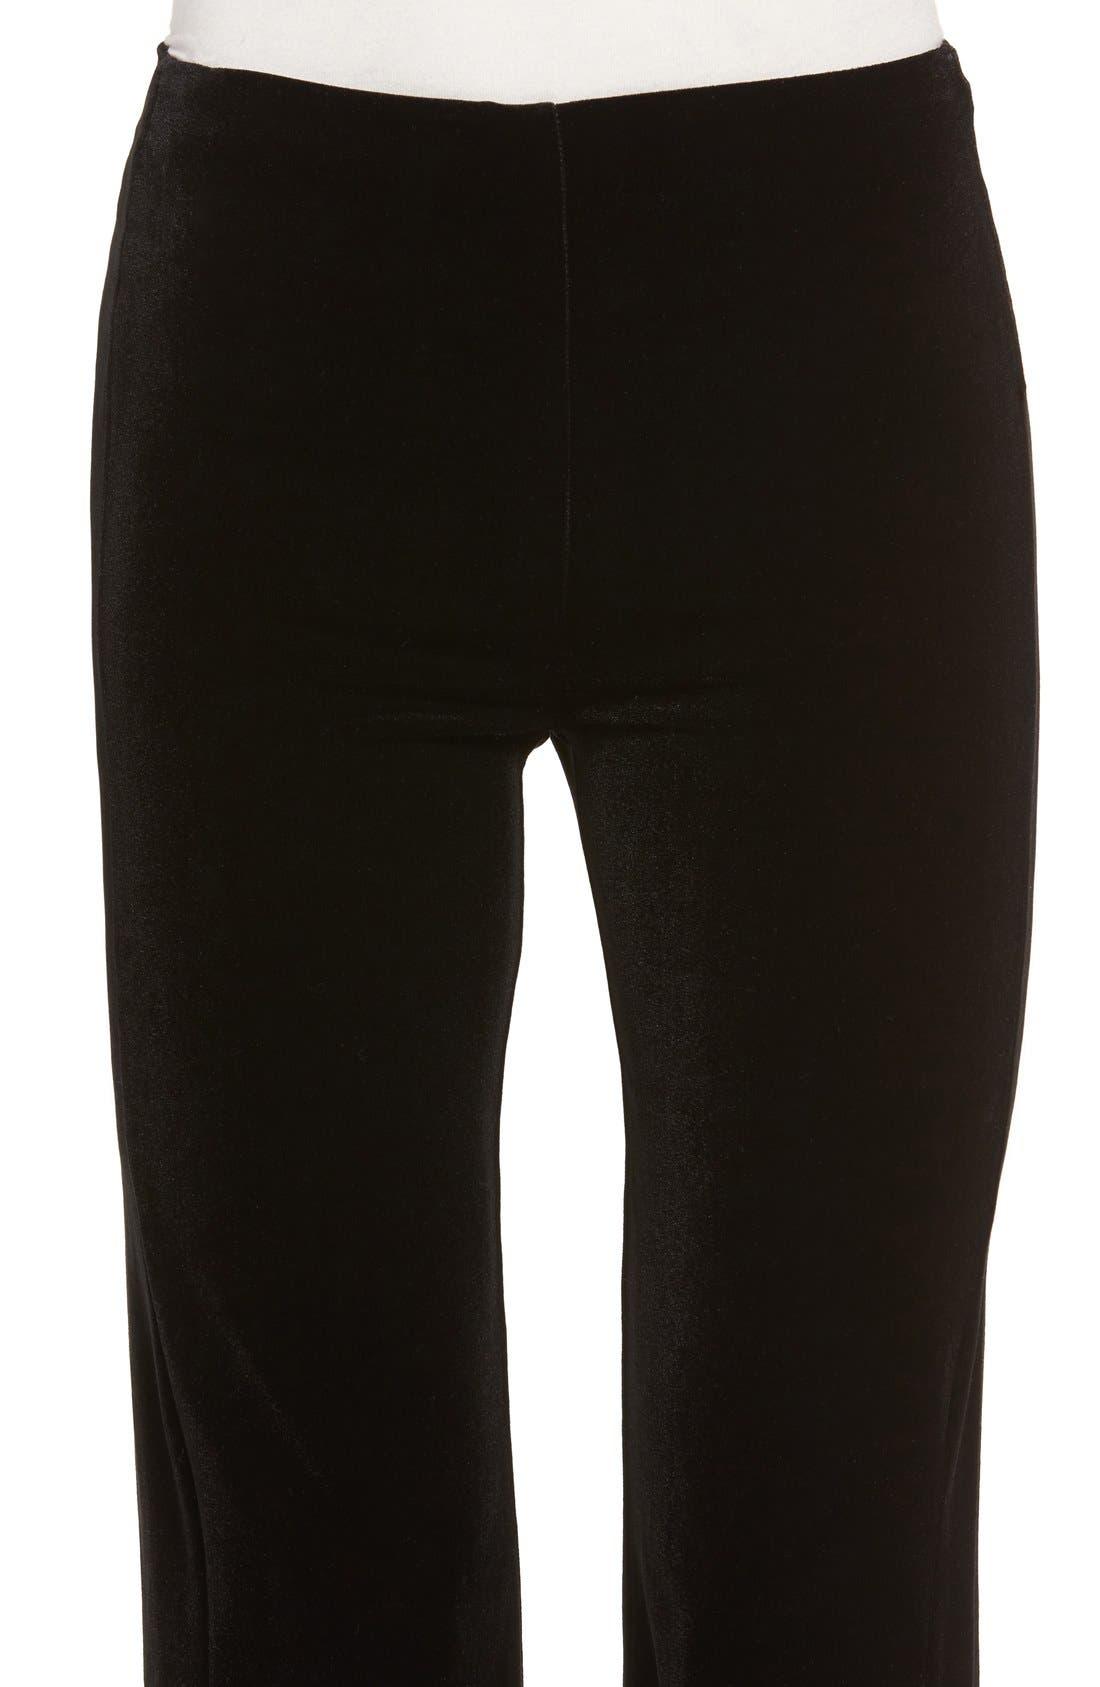 Velvet Pants,                             Alternate thumbnail 4, color,                             Black